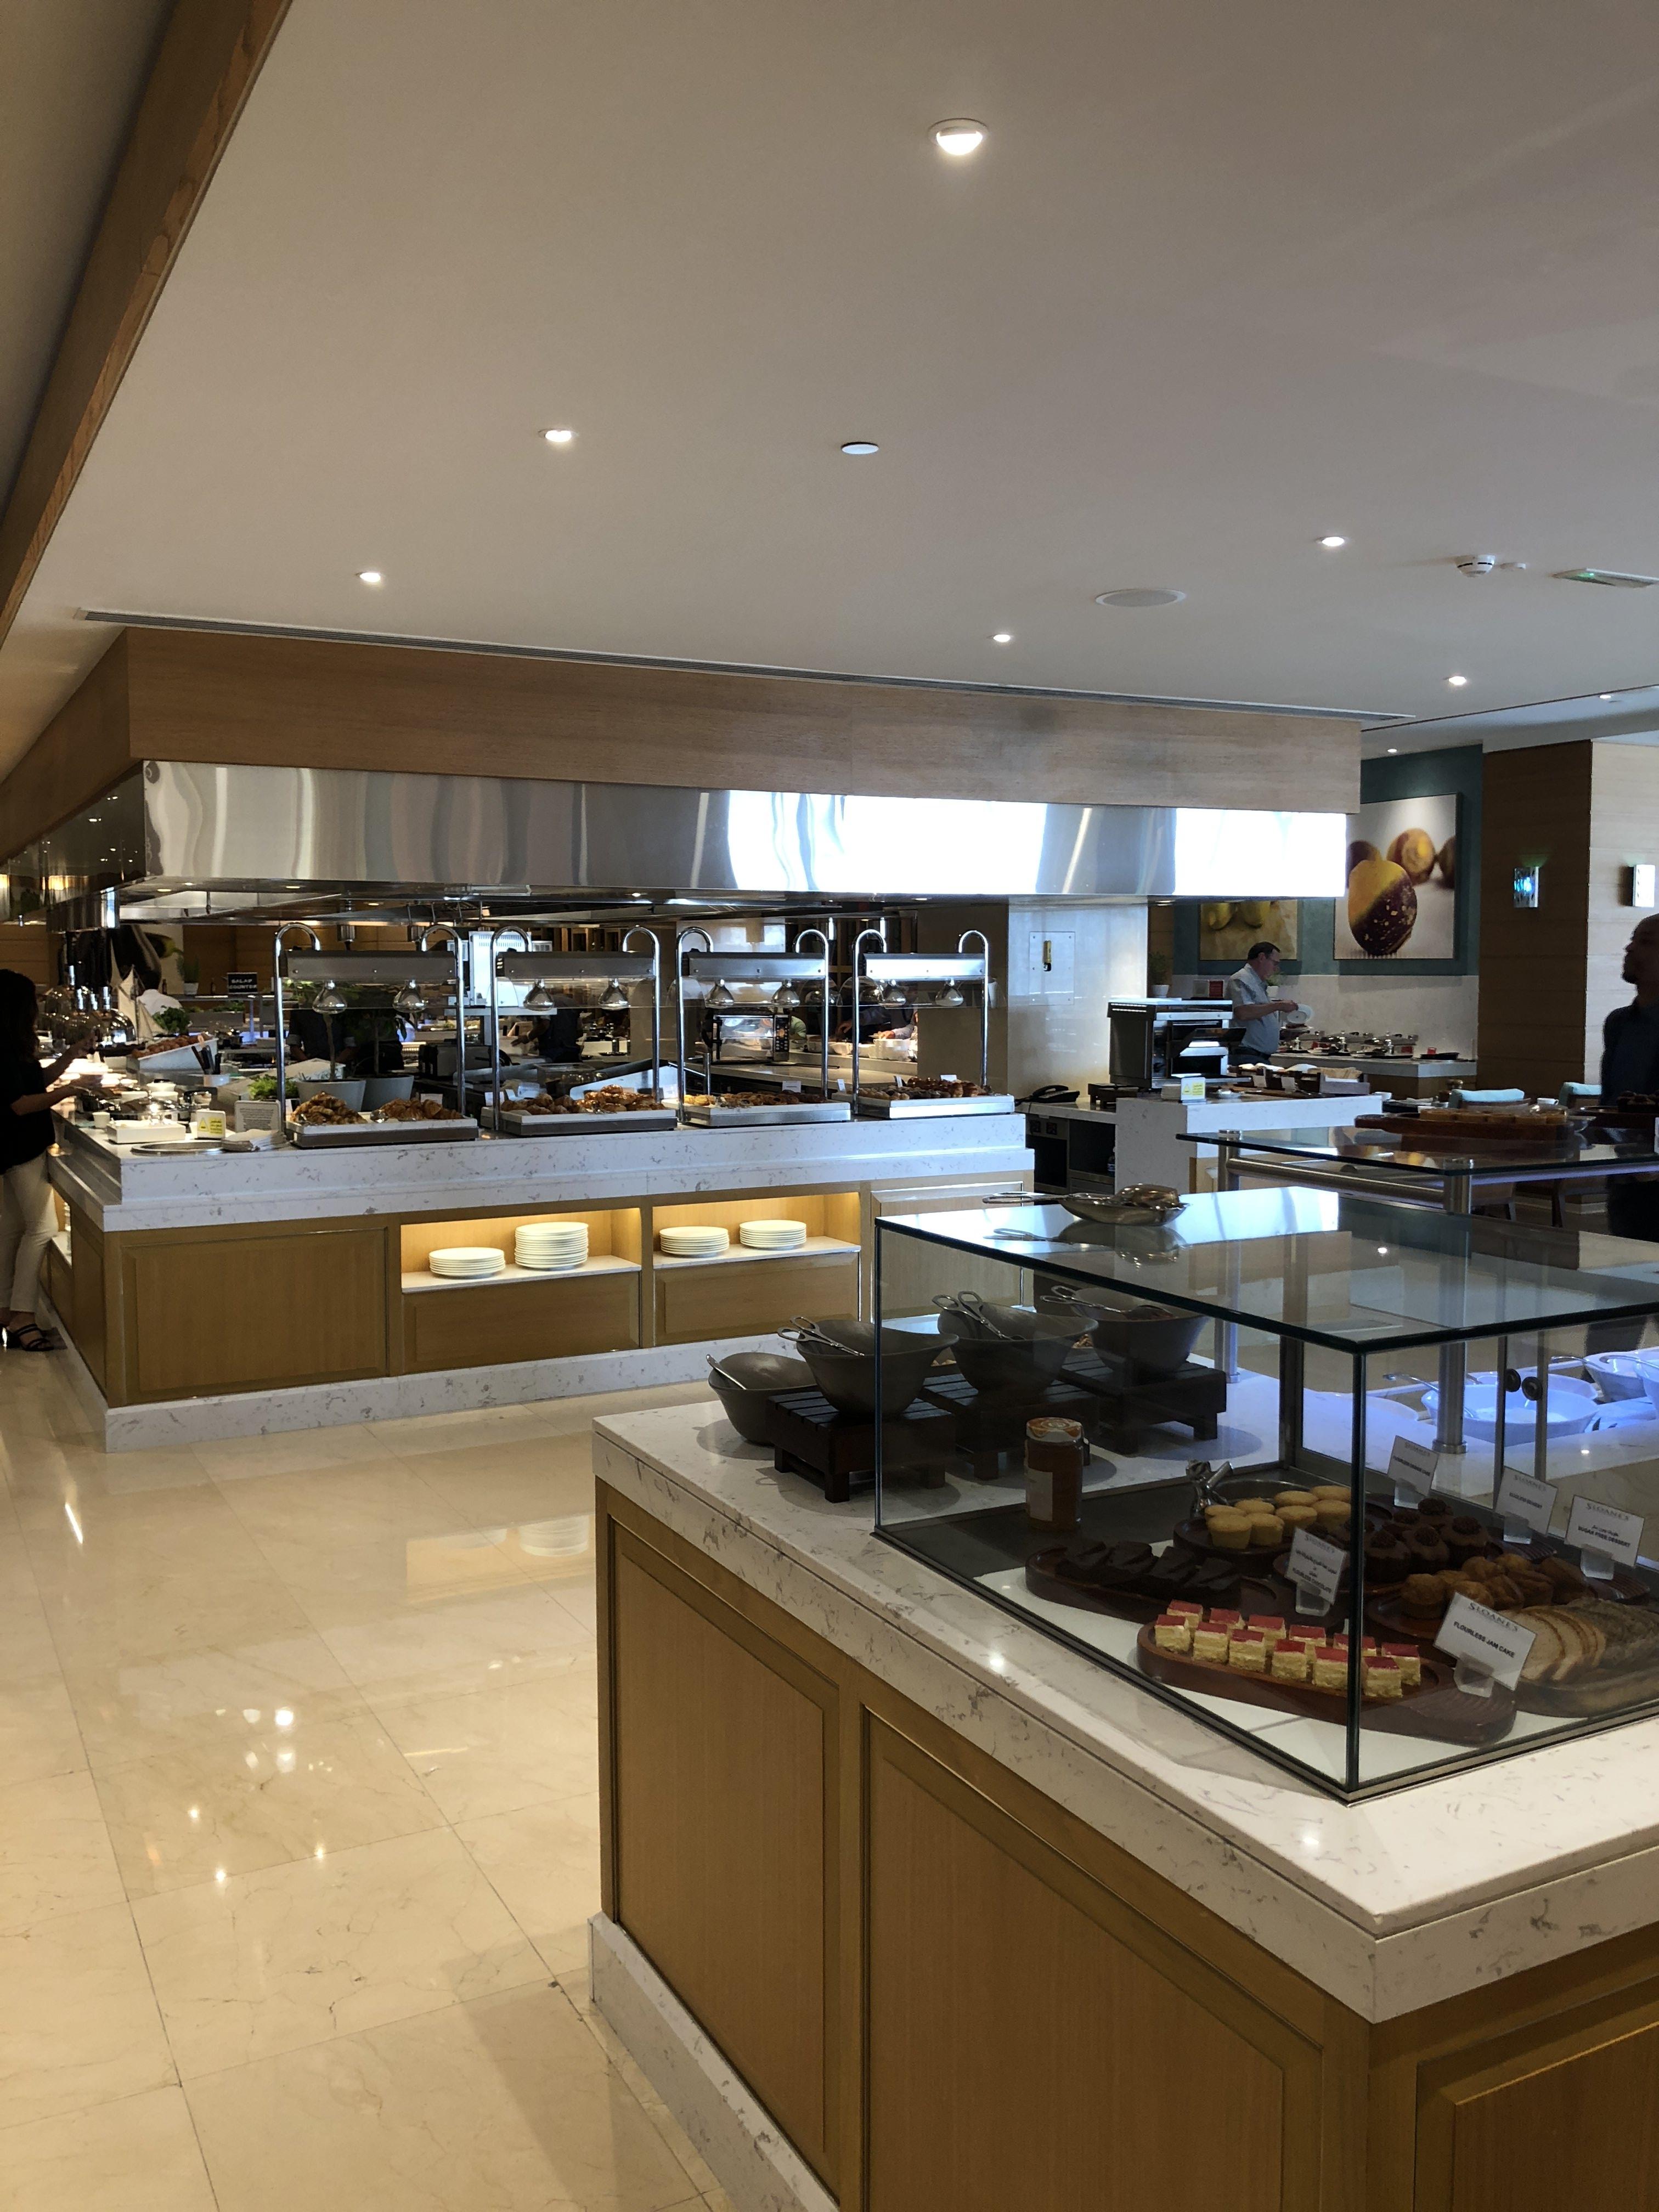 Grosvenor House Dubai - eine Oase zum Wohlfühlen › Travel Food and ...